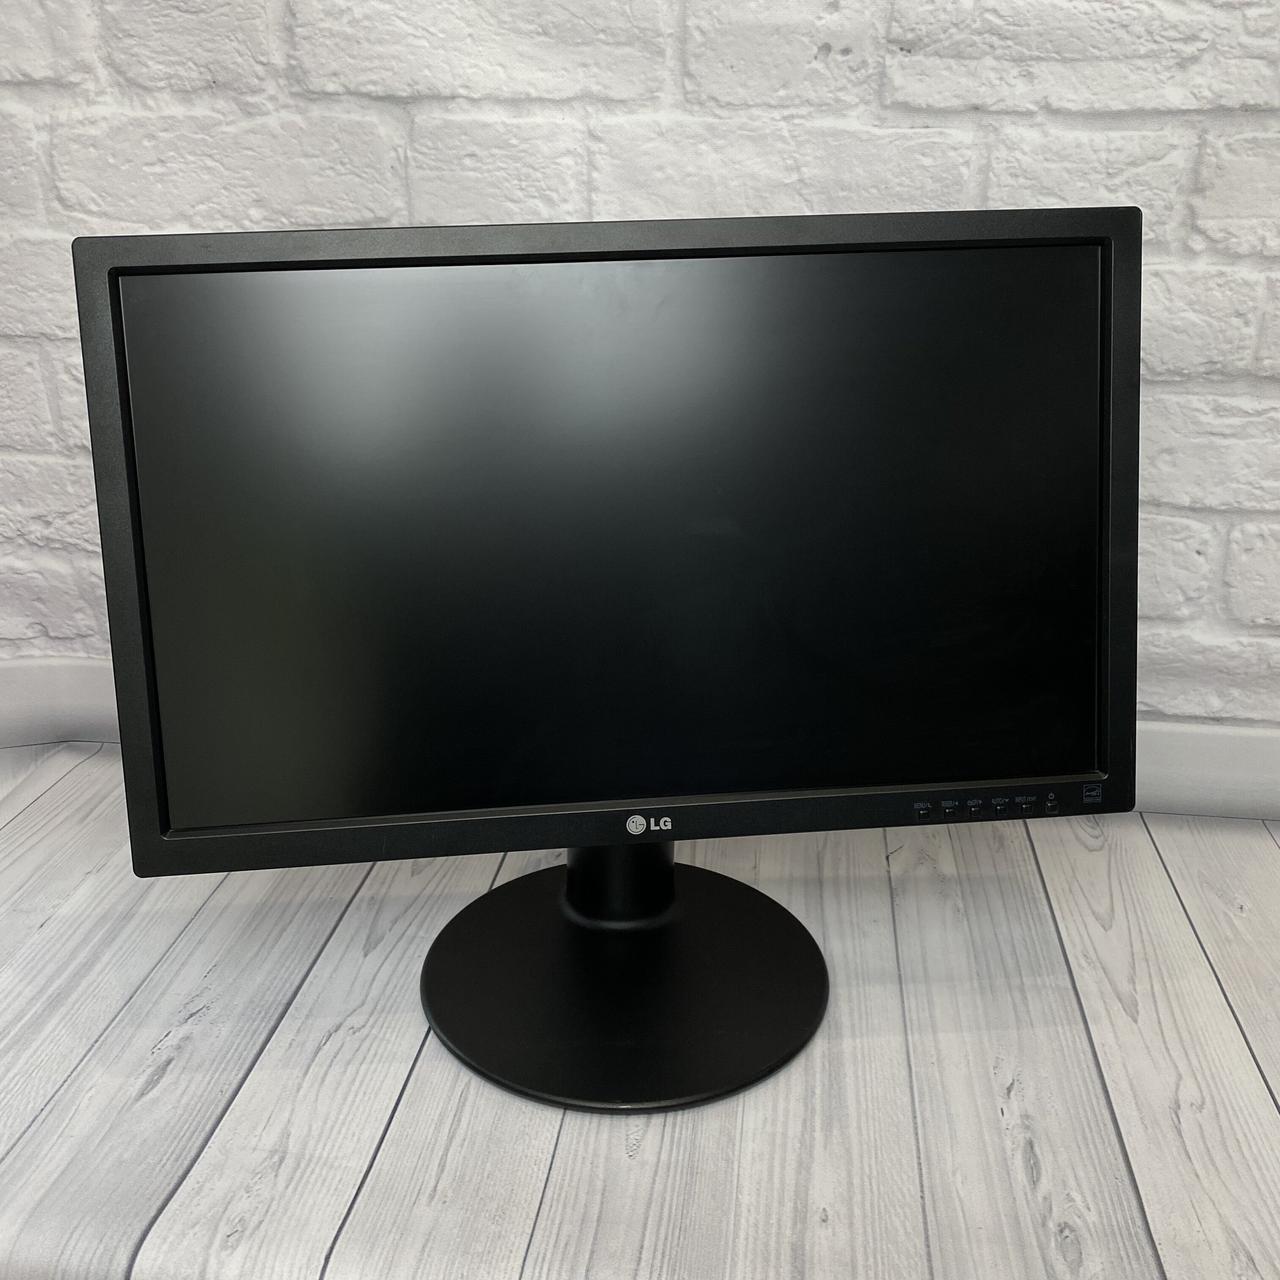 Монитор LG 24 LED (Матрица IPS / DVI / VGA / DP / Разрешение 1920x1080)